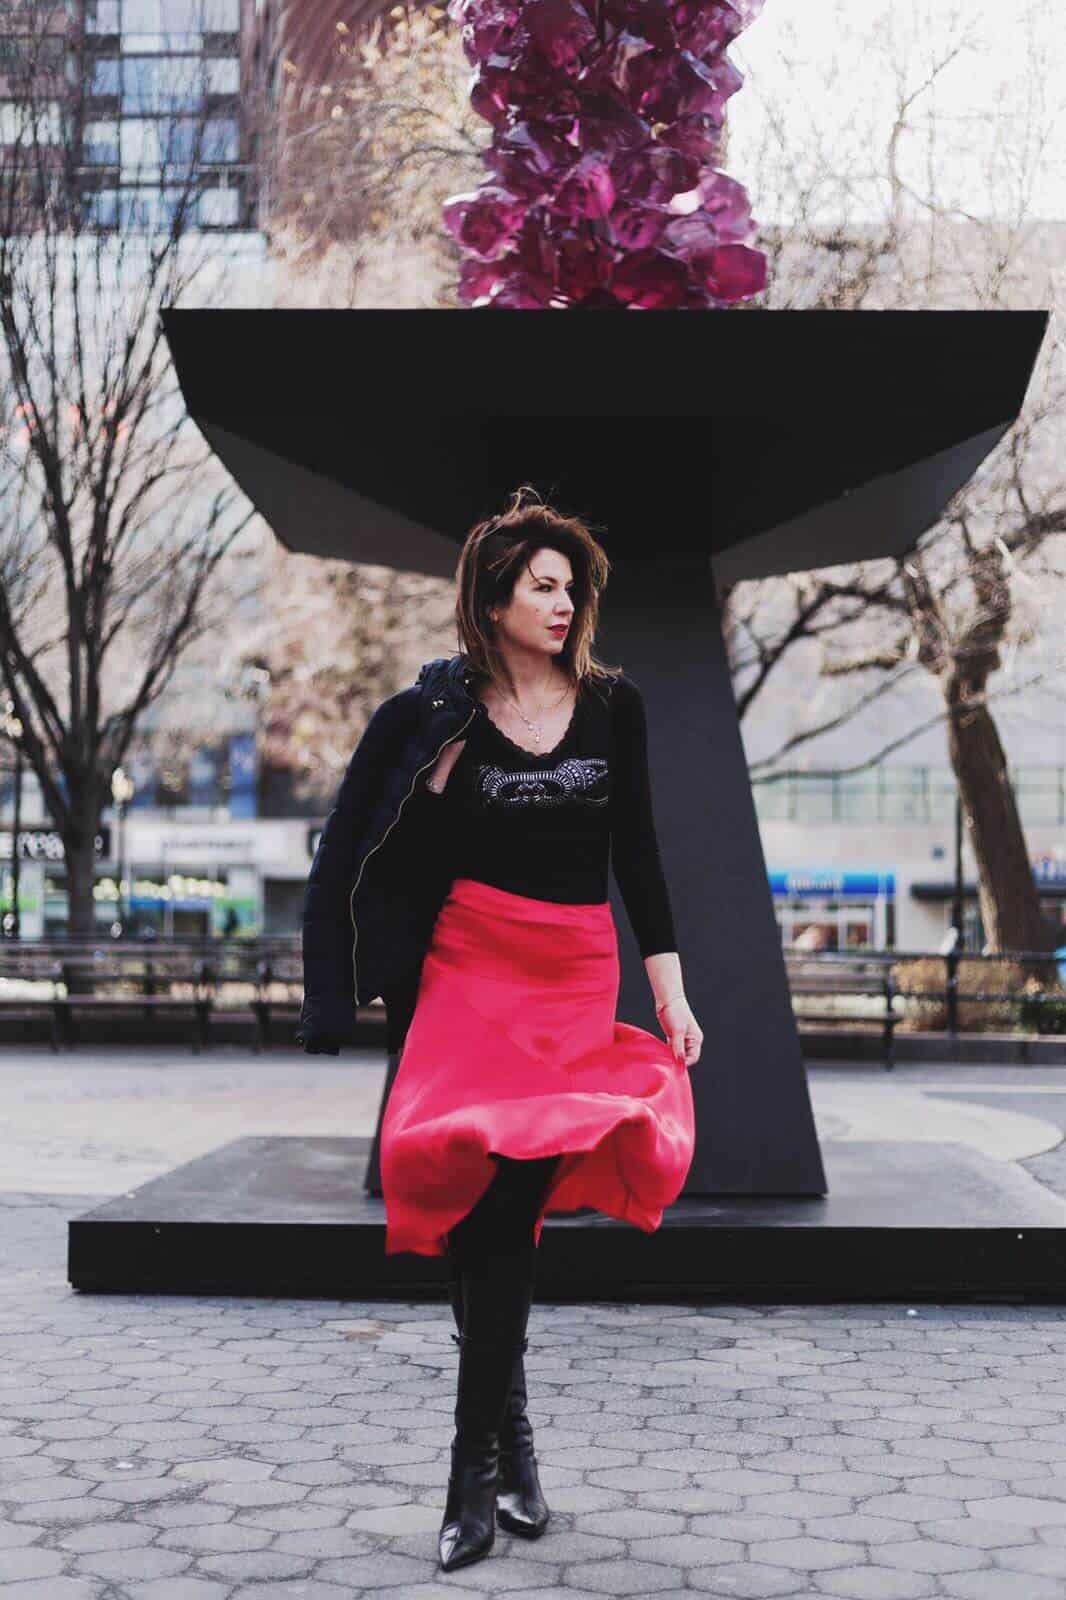 От зимы к весне. Что носить Union Square New York